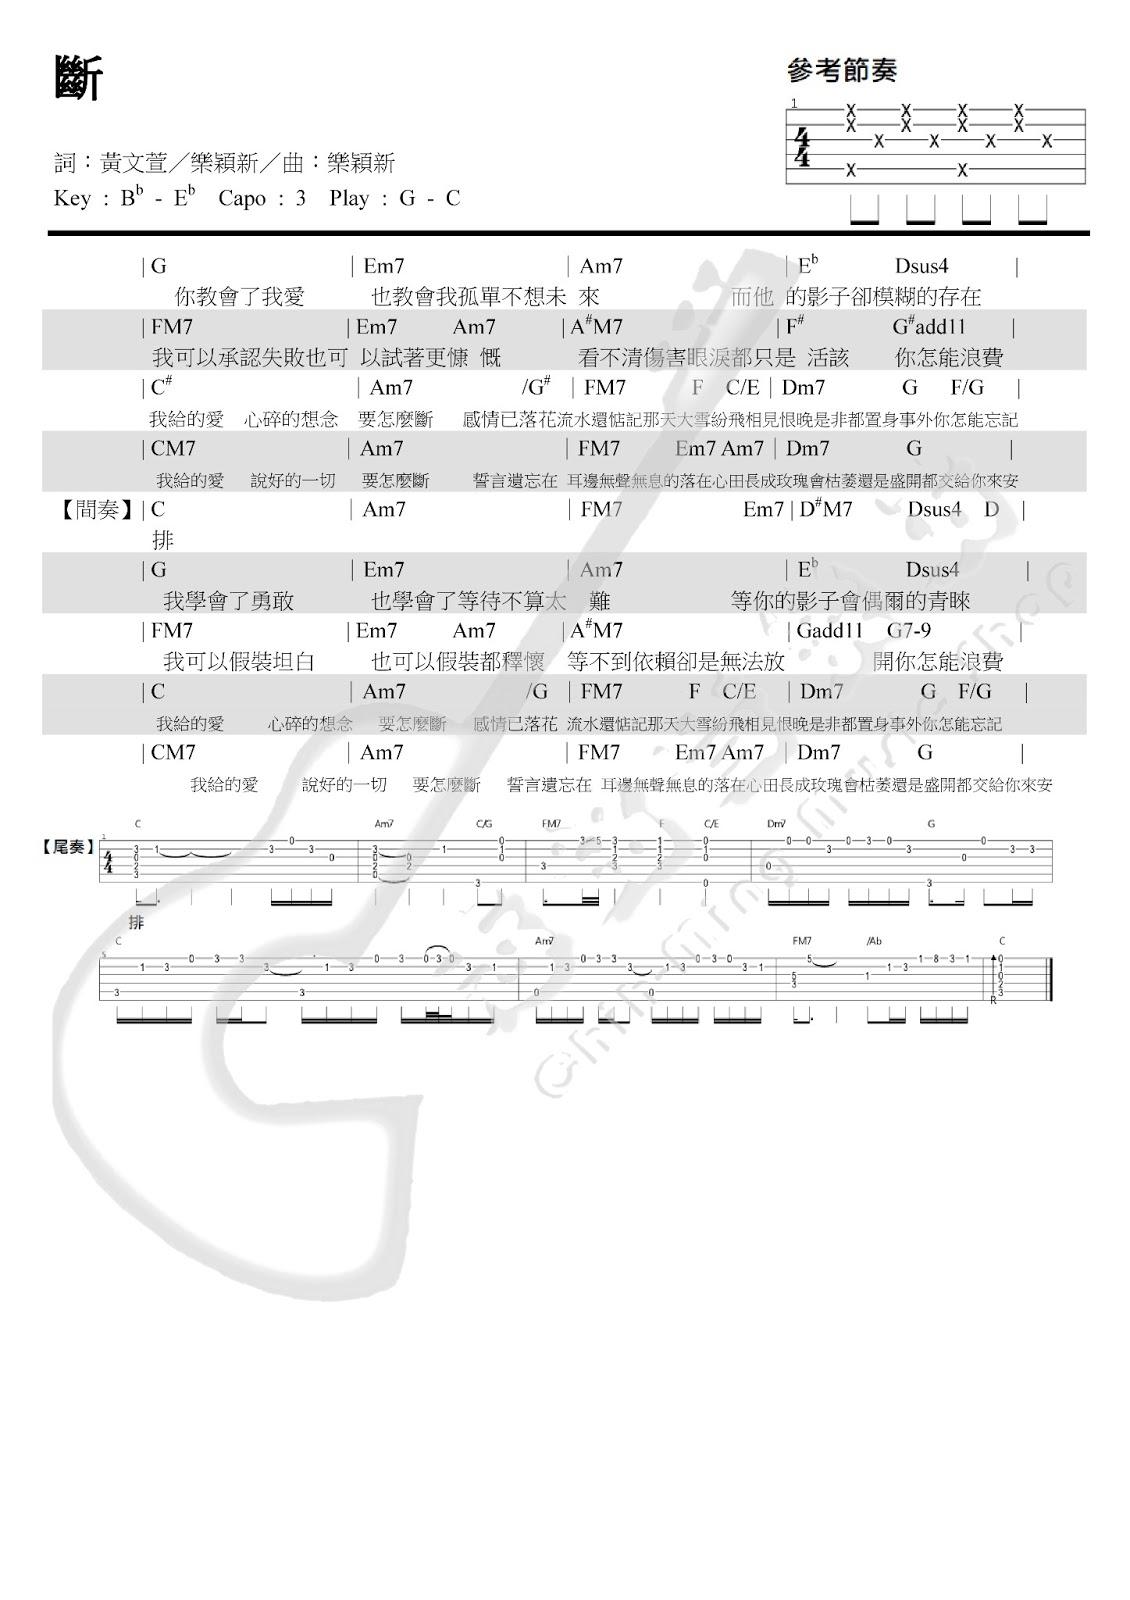 [吉他譜] 斷 - 太妃堂(附尾奏六線譜)後宮甄嬛傳 片頭曲 ~ 志銘音樂坊